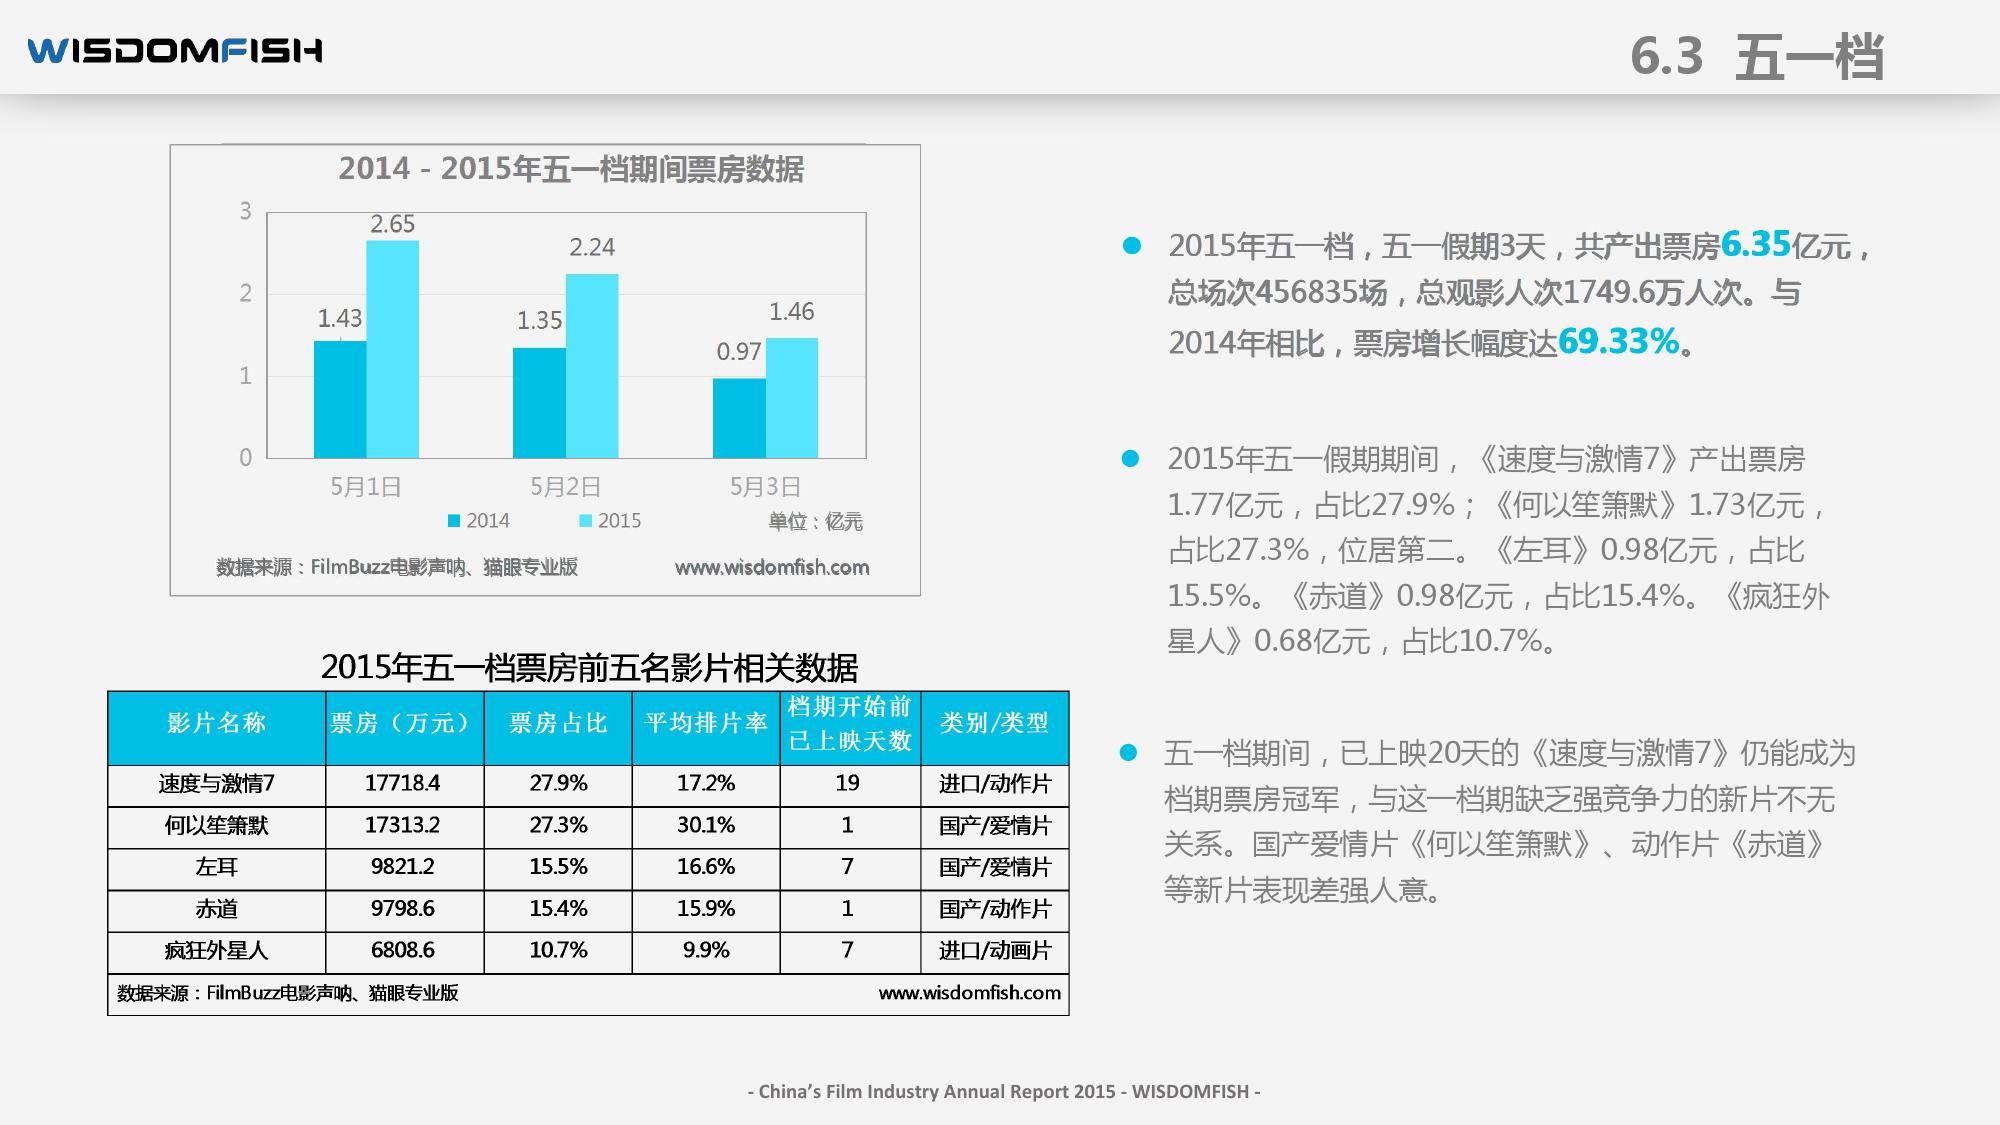 2015年度中国电影产业报告_000078